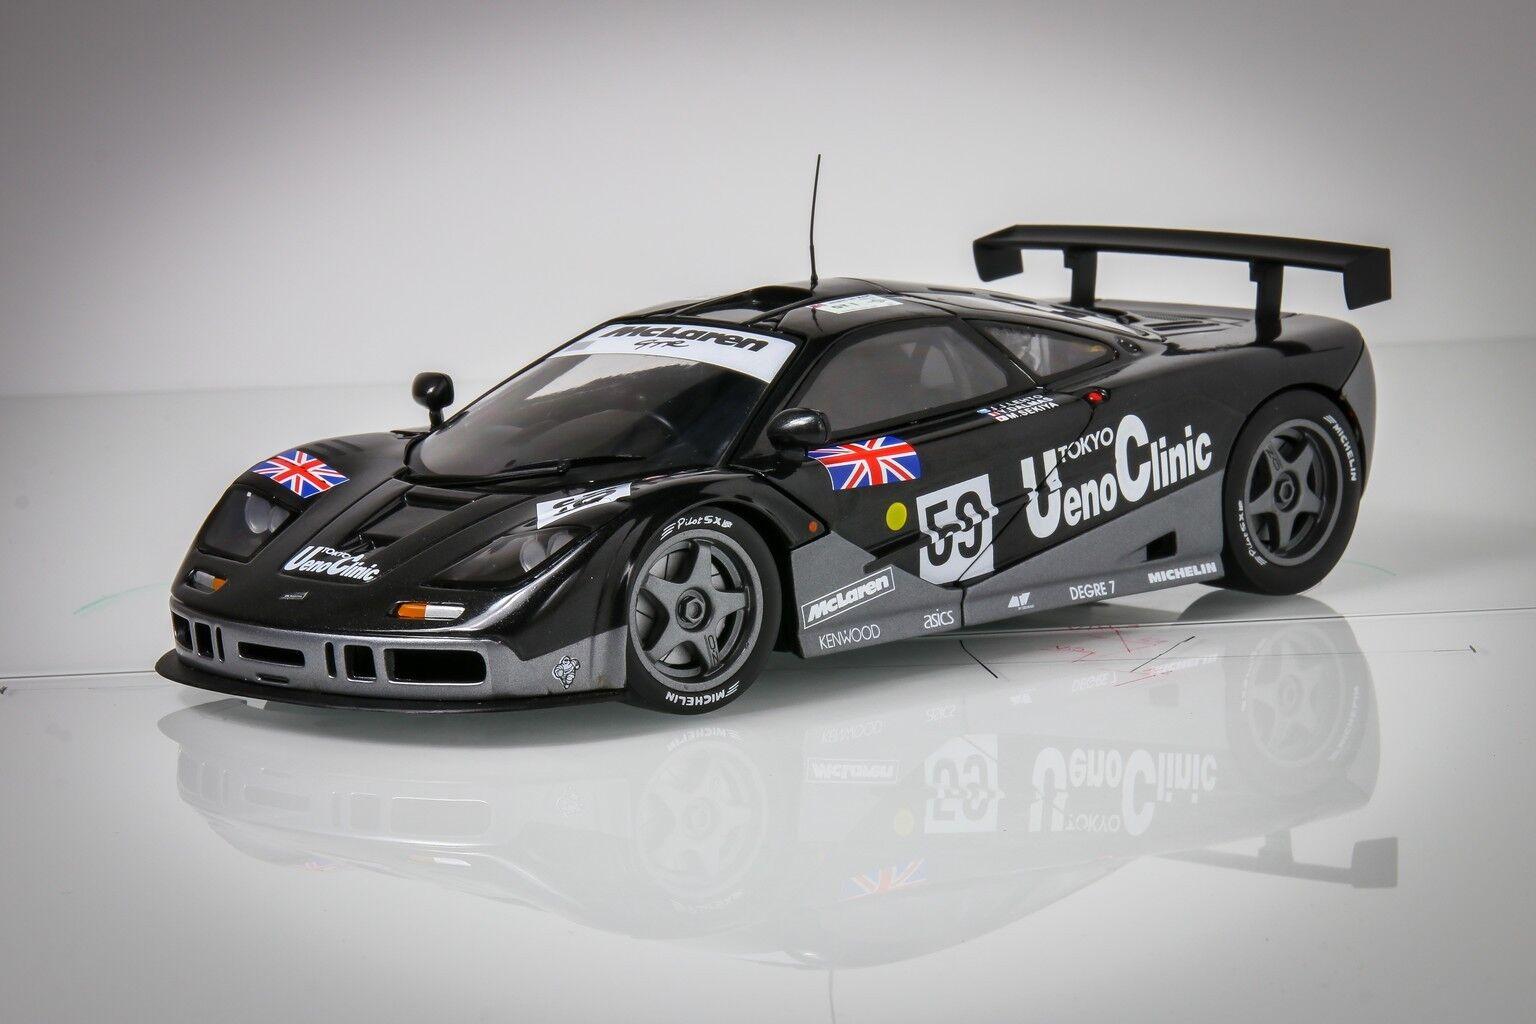 Ut Models 18709 mclaren f1 GTR Ueno Clinic winner le mans 1995  18